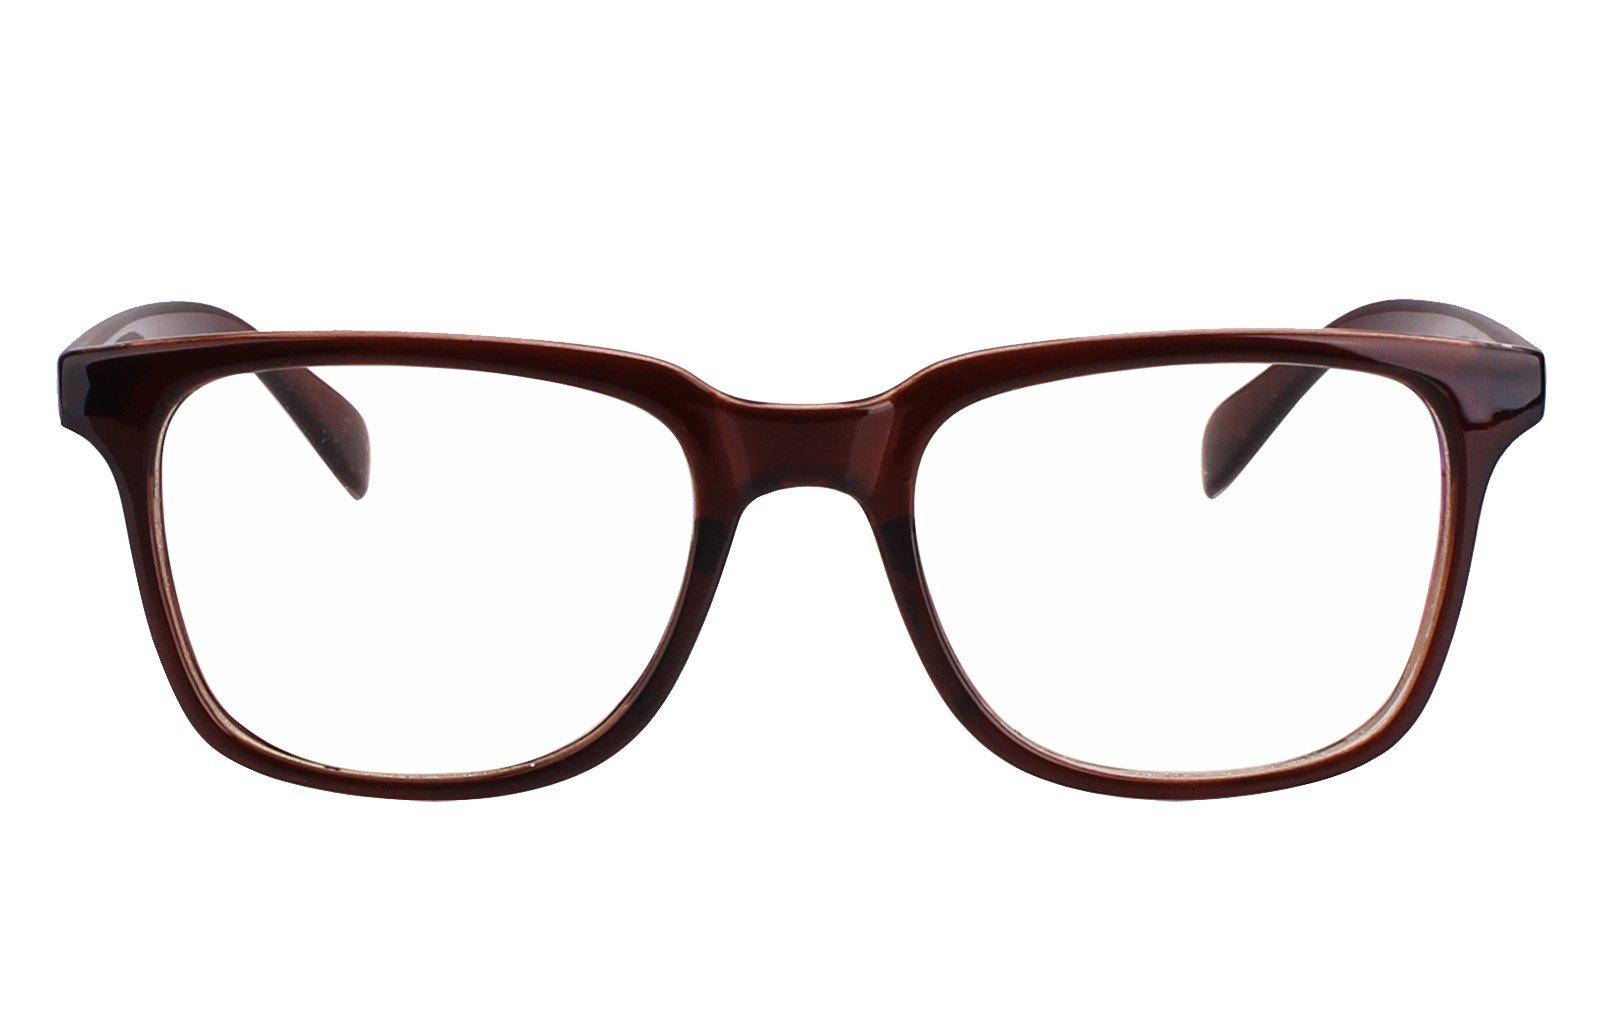 Agstum Wayfarer Plain Glasses Frame Eyeglasses Clear Lens (Tea brown, 52) by Agstum